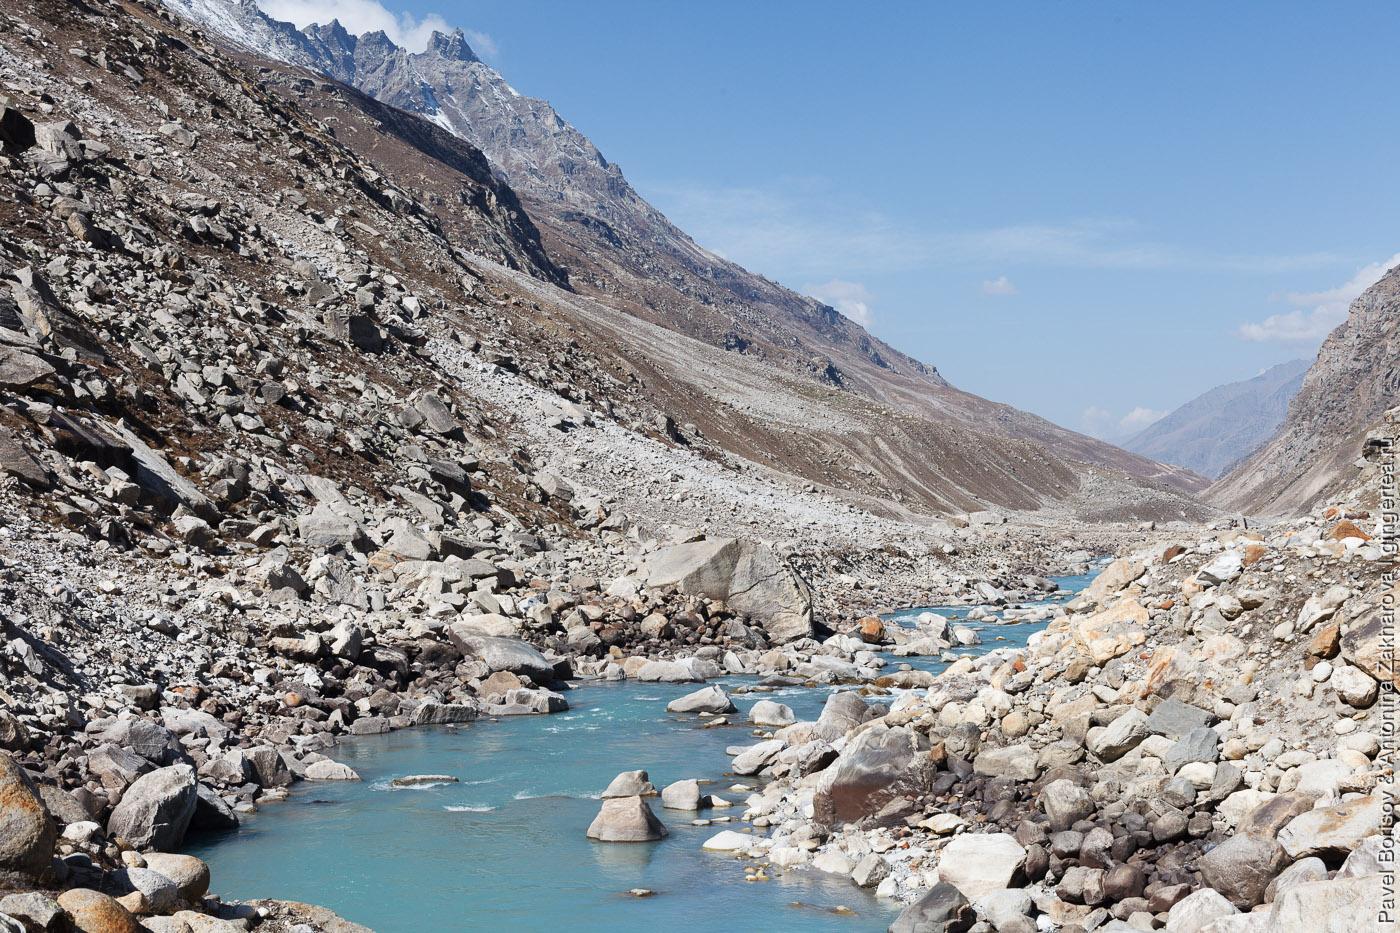 долина реки Чандра, Индийские Гималаи